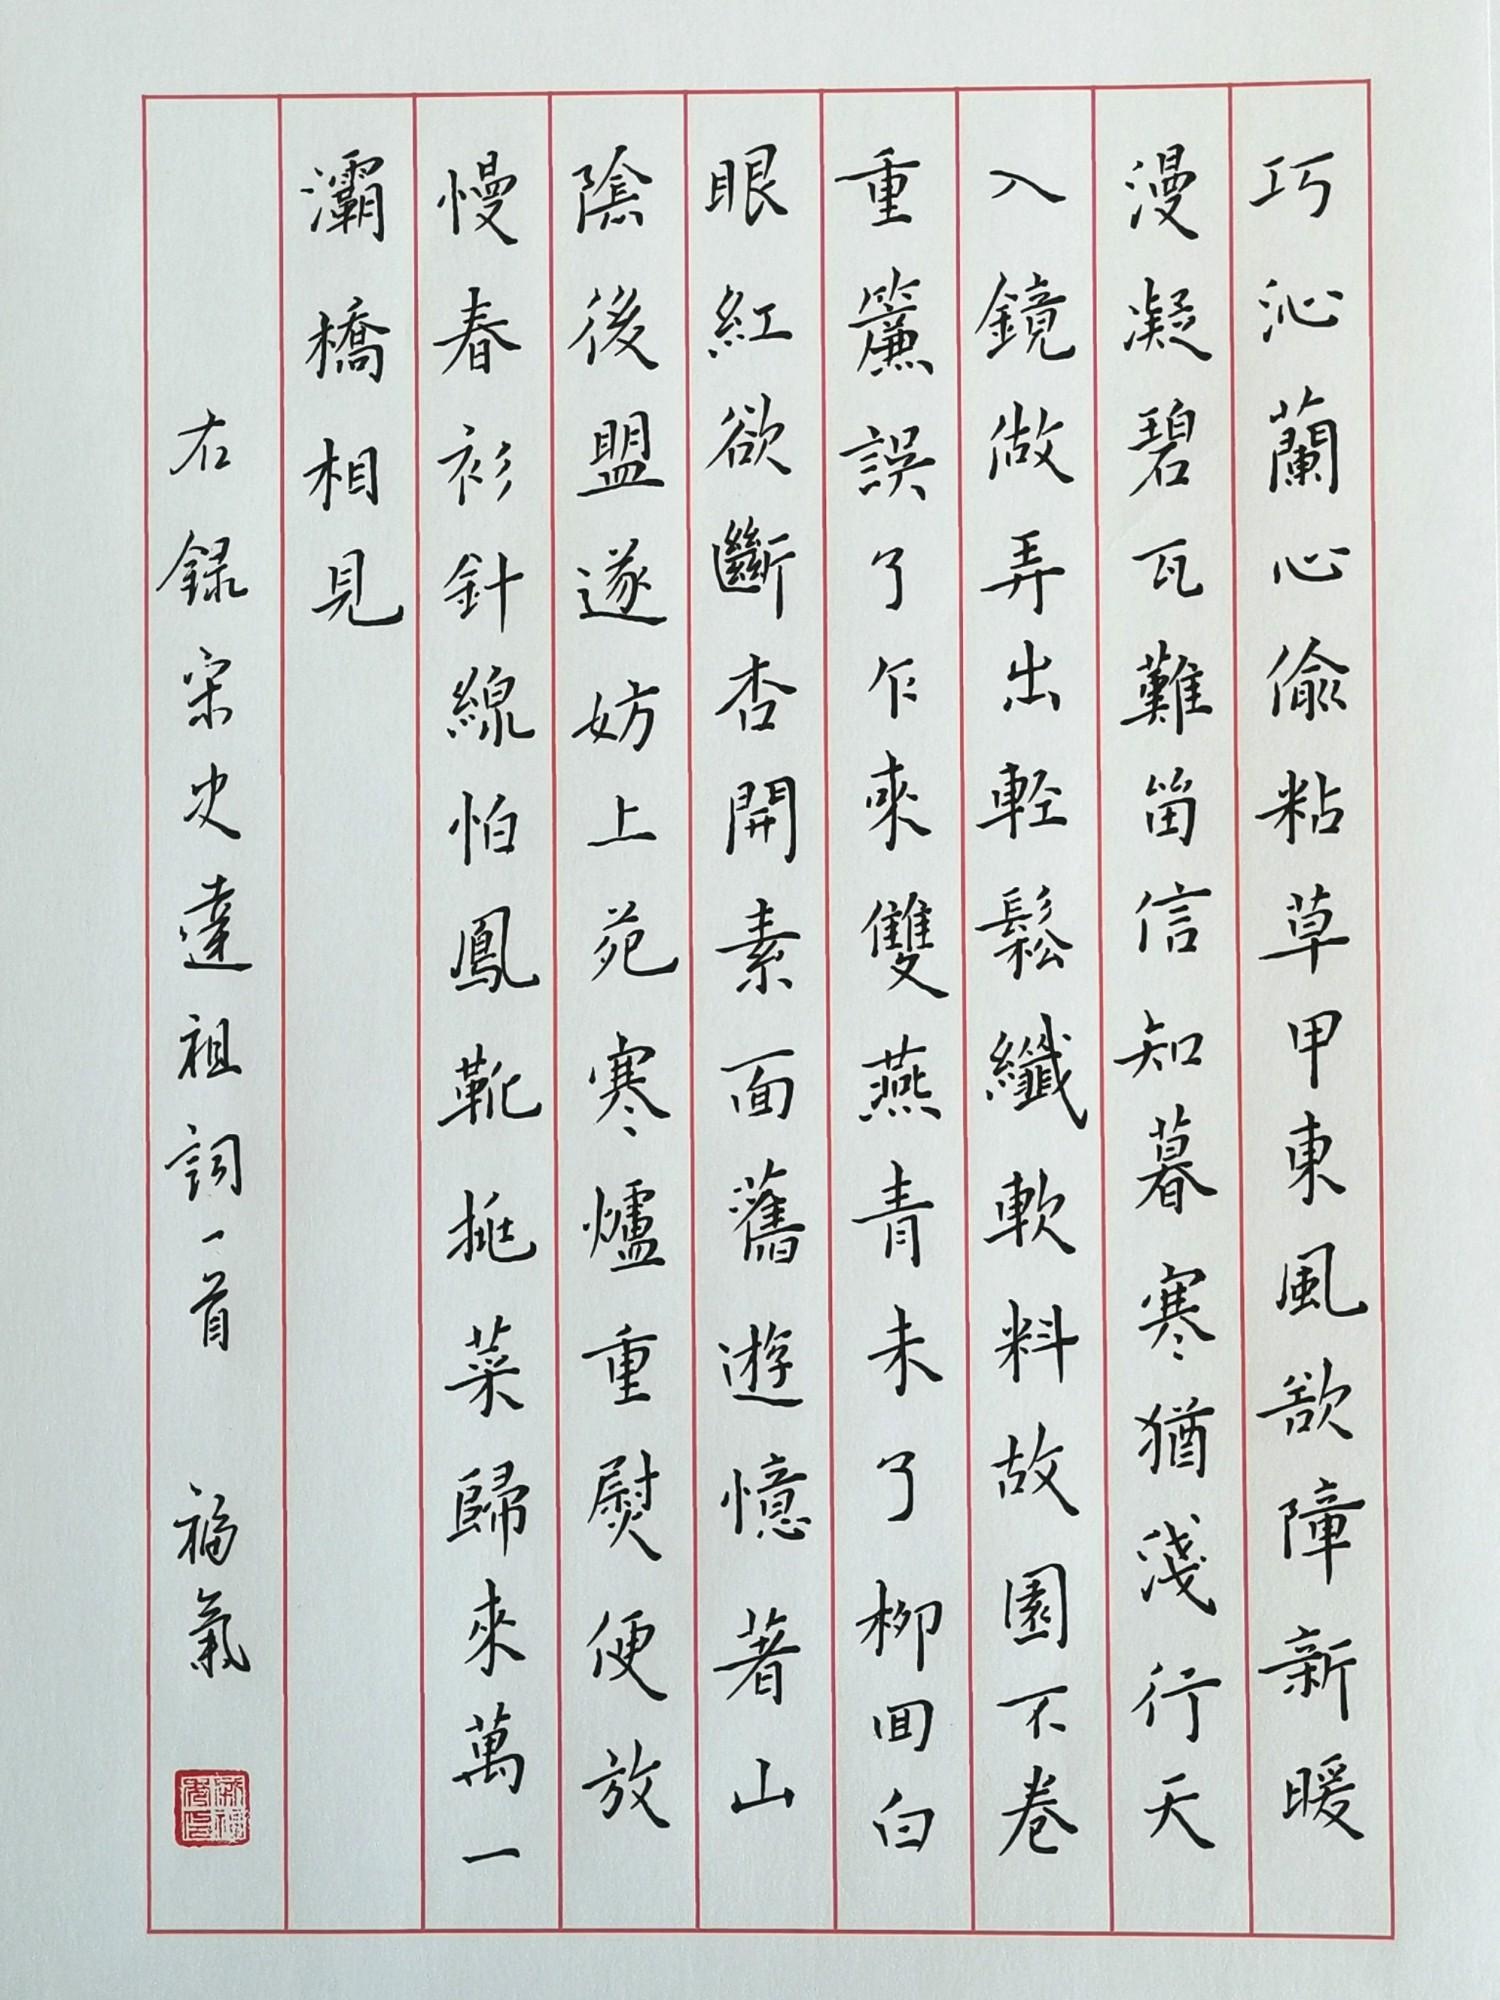 钢笔书法练字打卡20210511-11